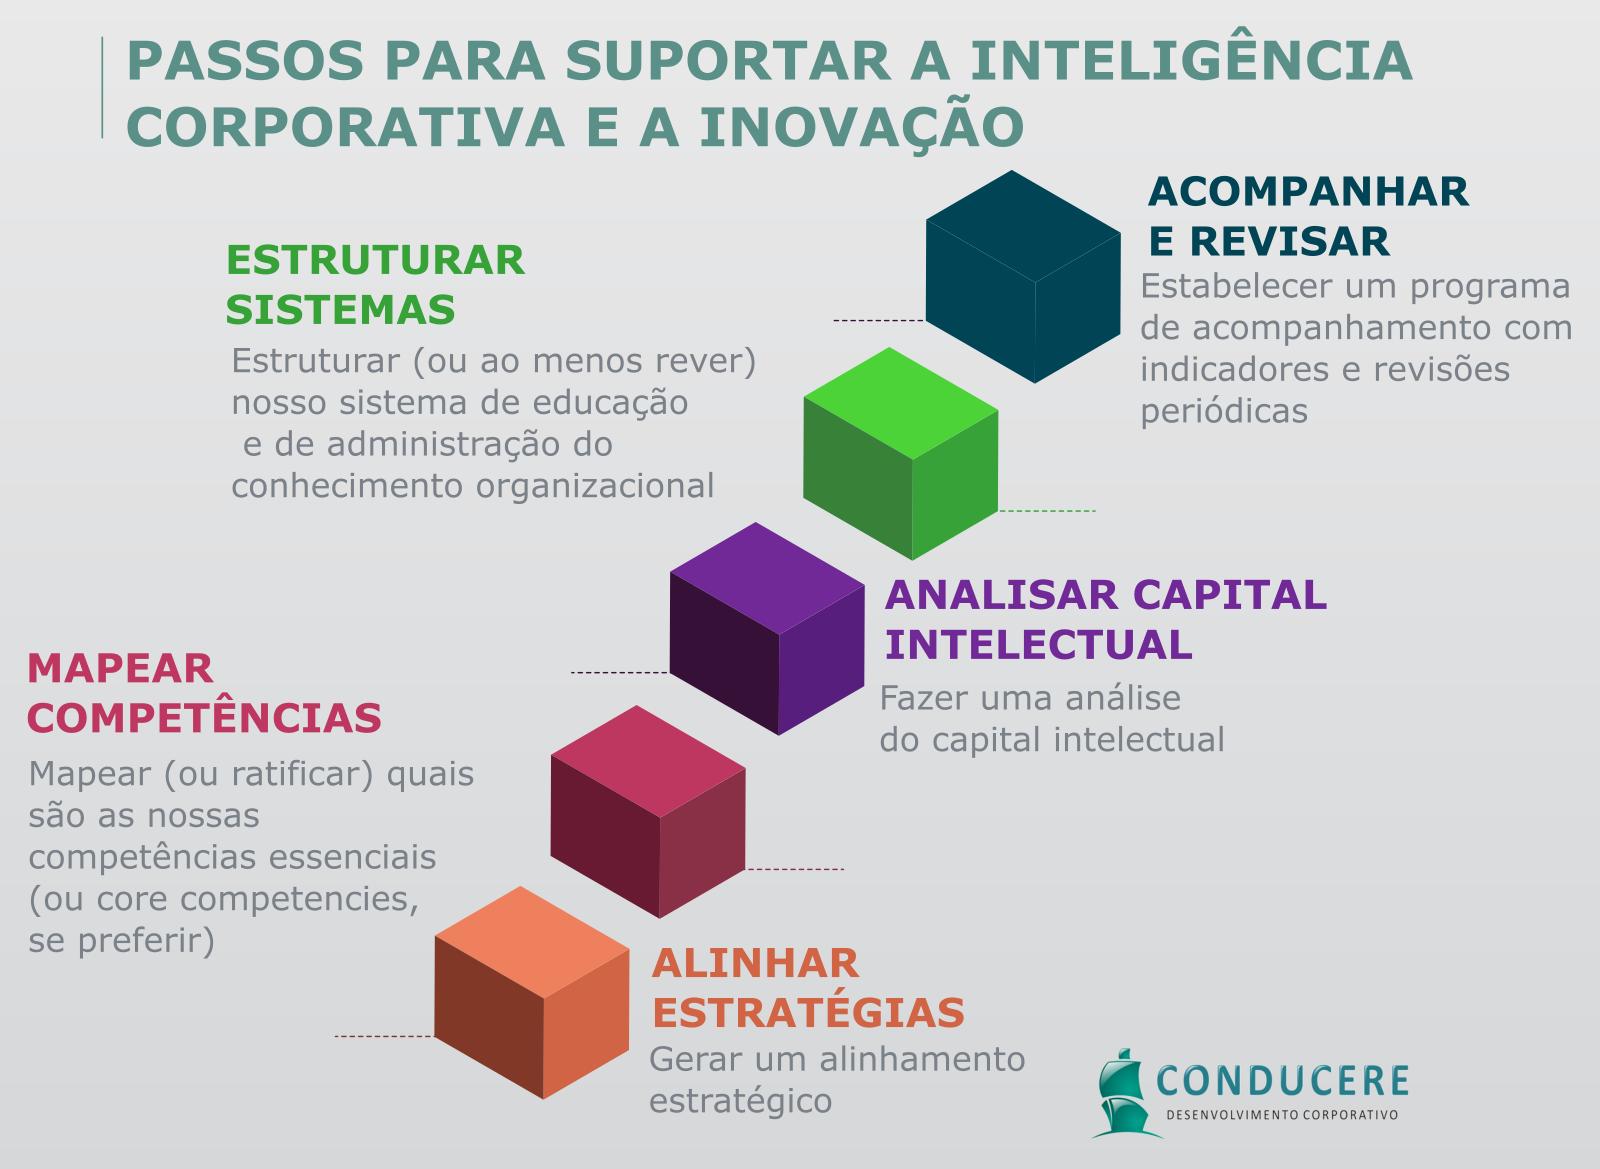 Passos para estruturar os sistemas de educação corporativa e administração do conhecimento